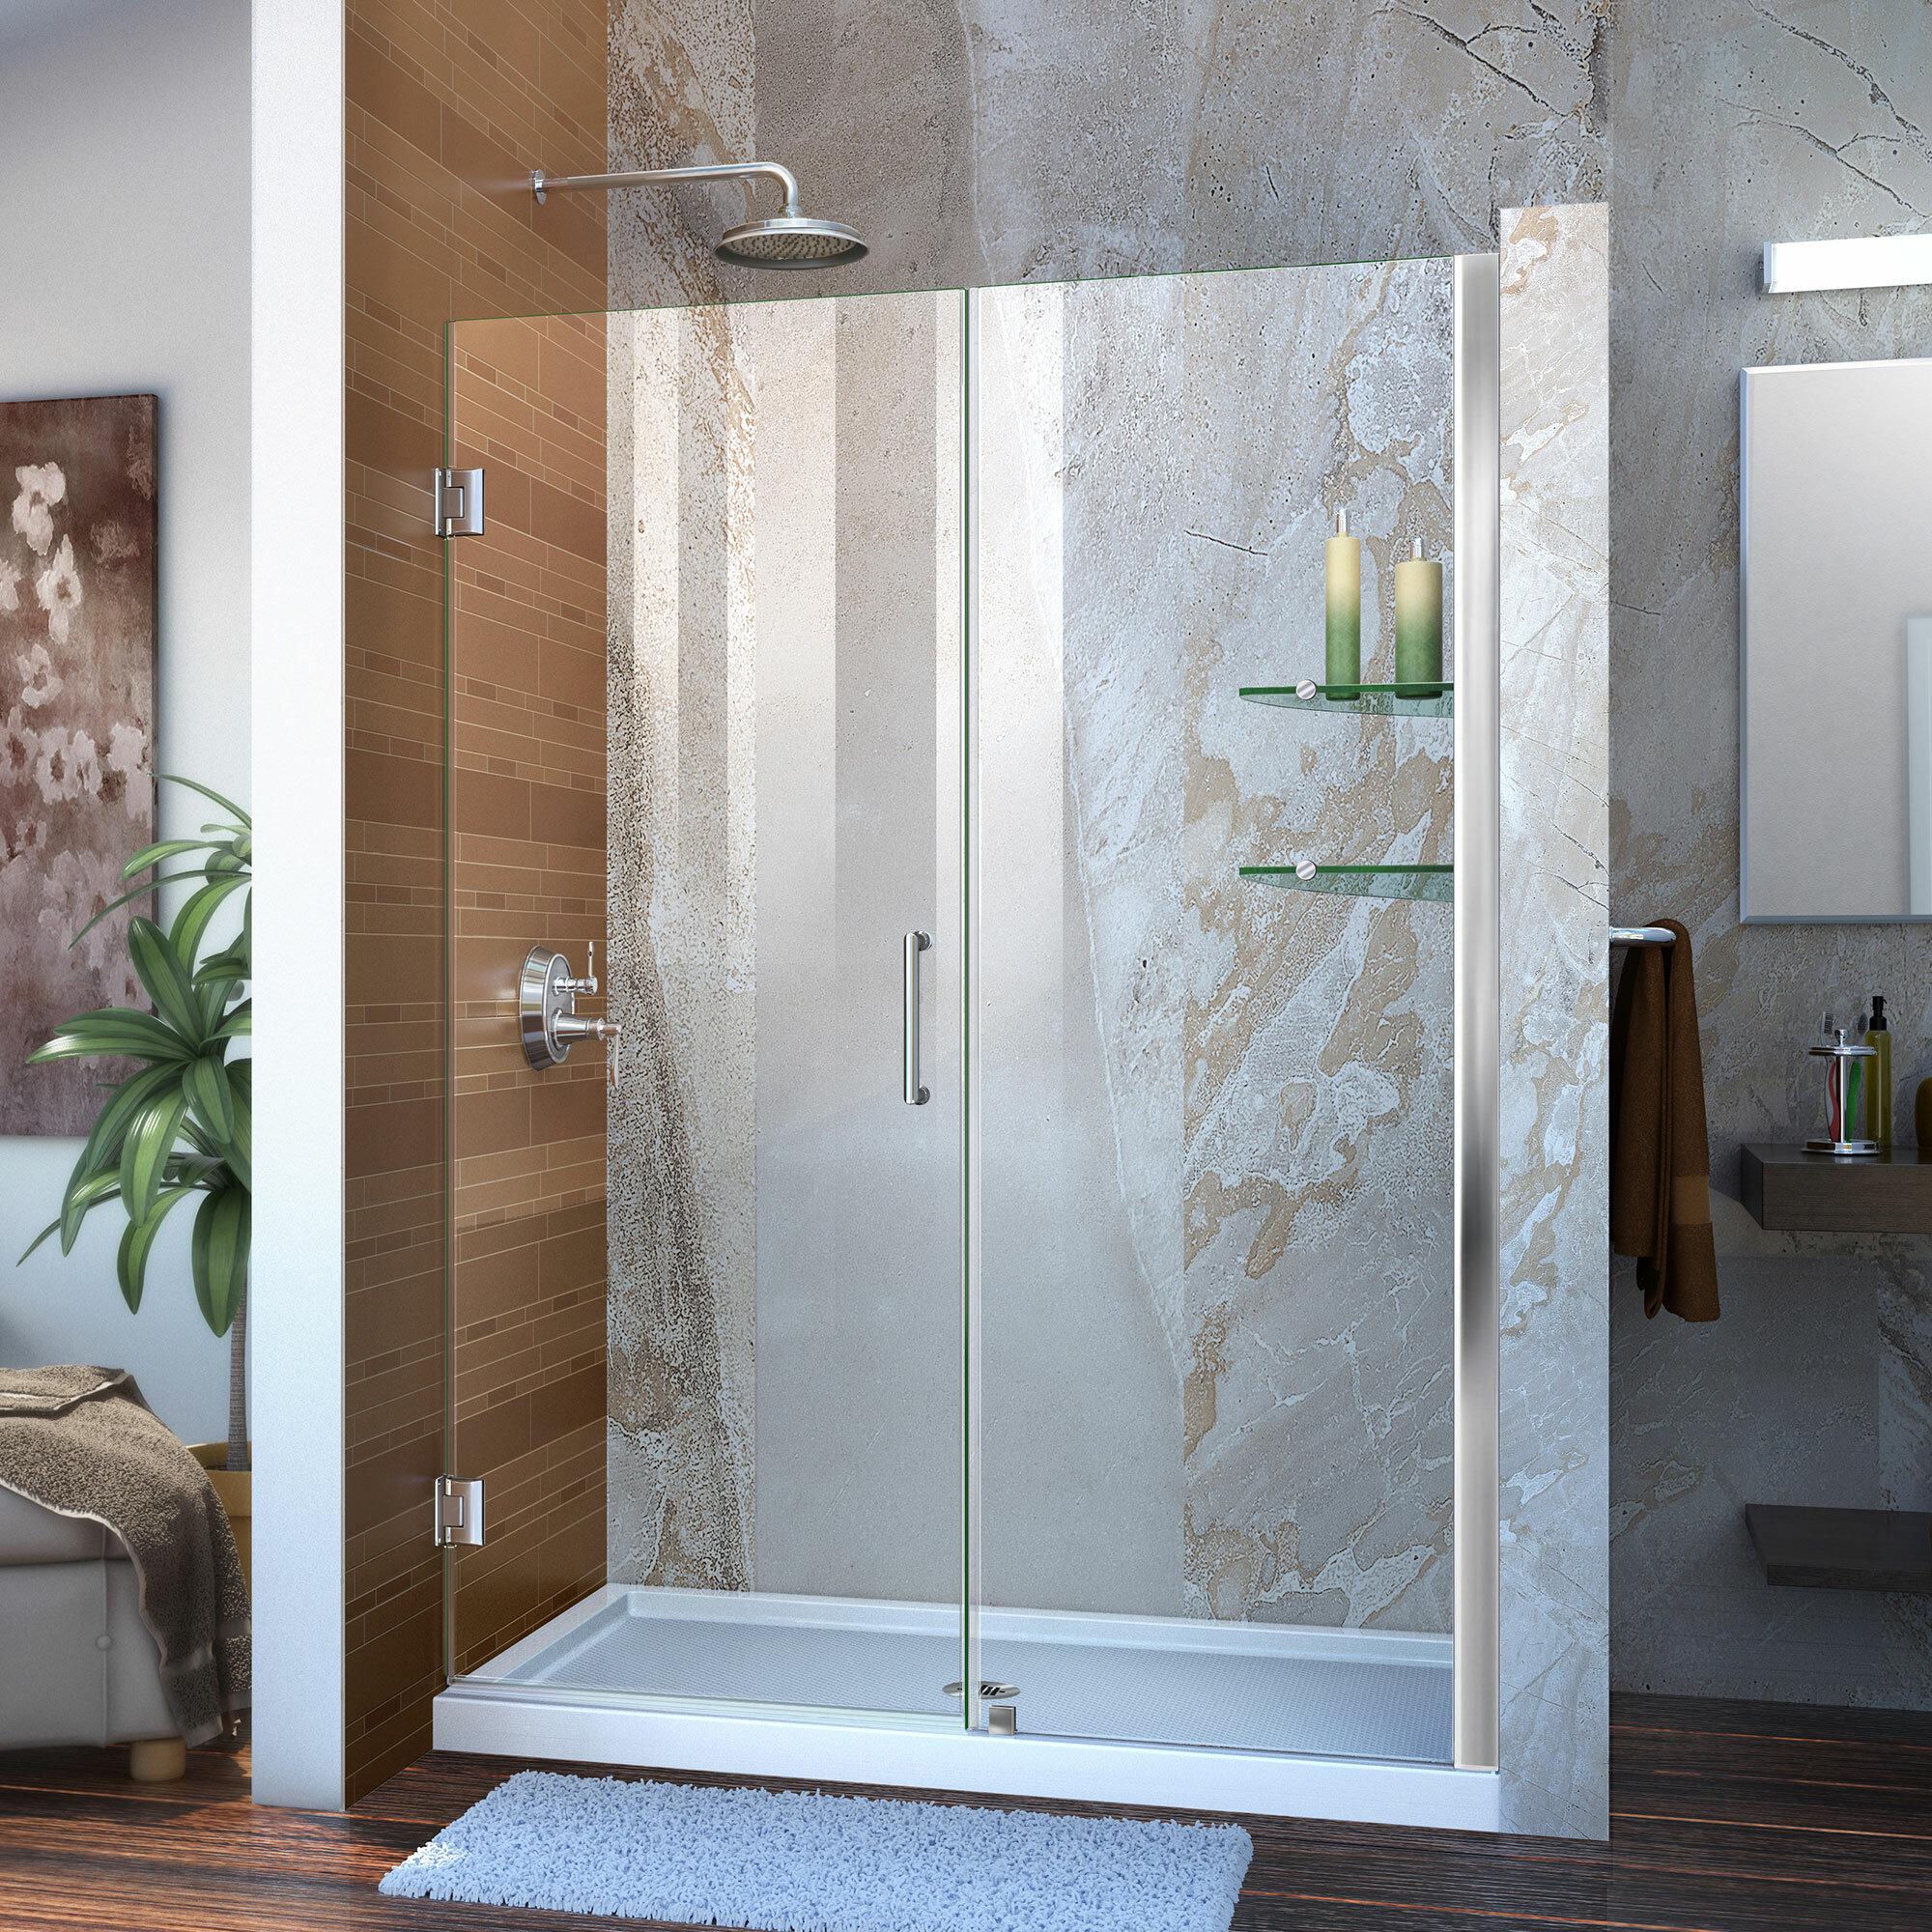 Dreamline Unidoor 50 X 72 Hinged Frameless Shower Door With